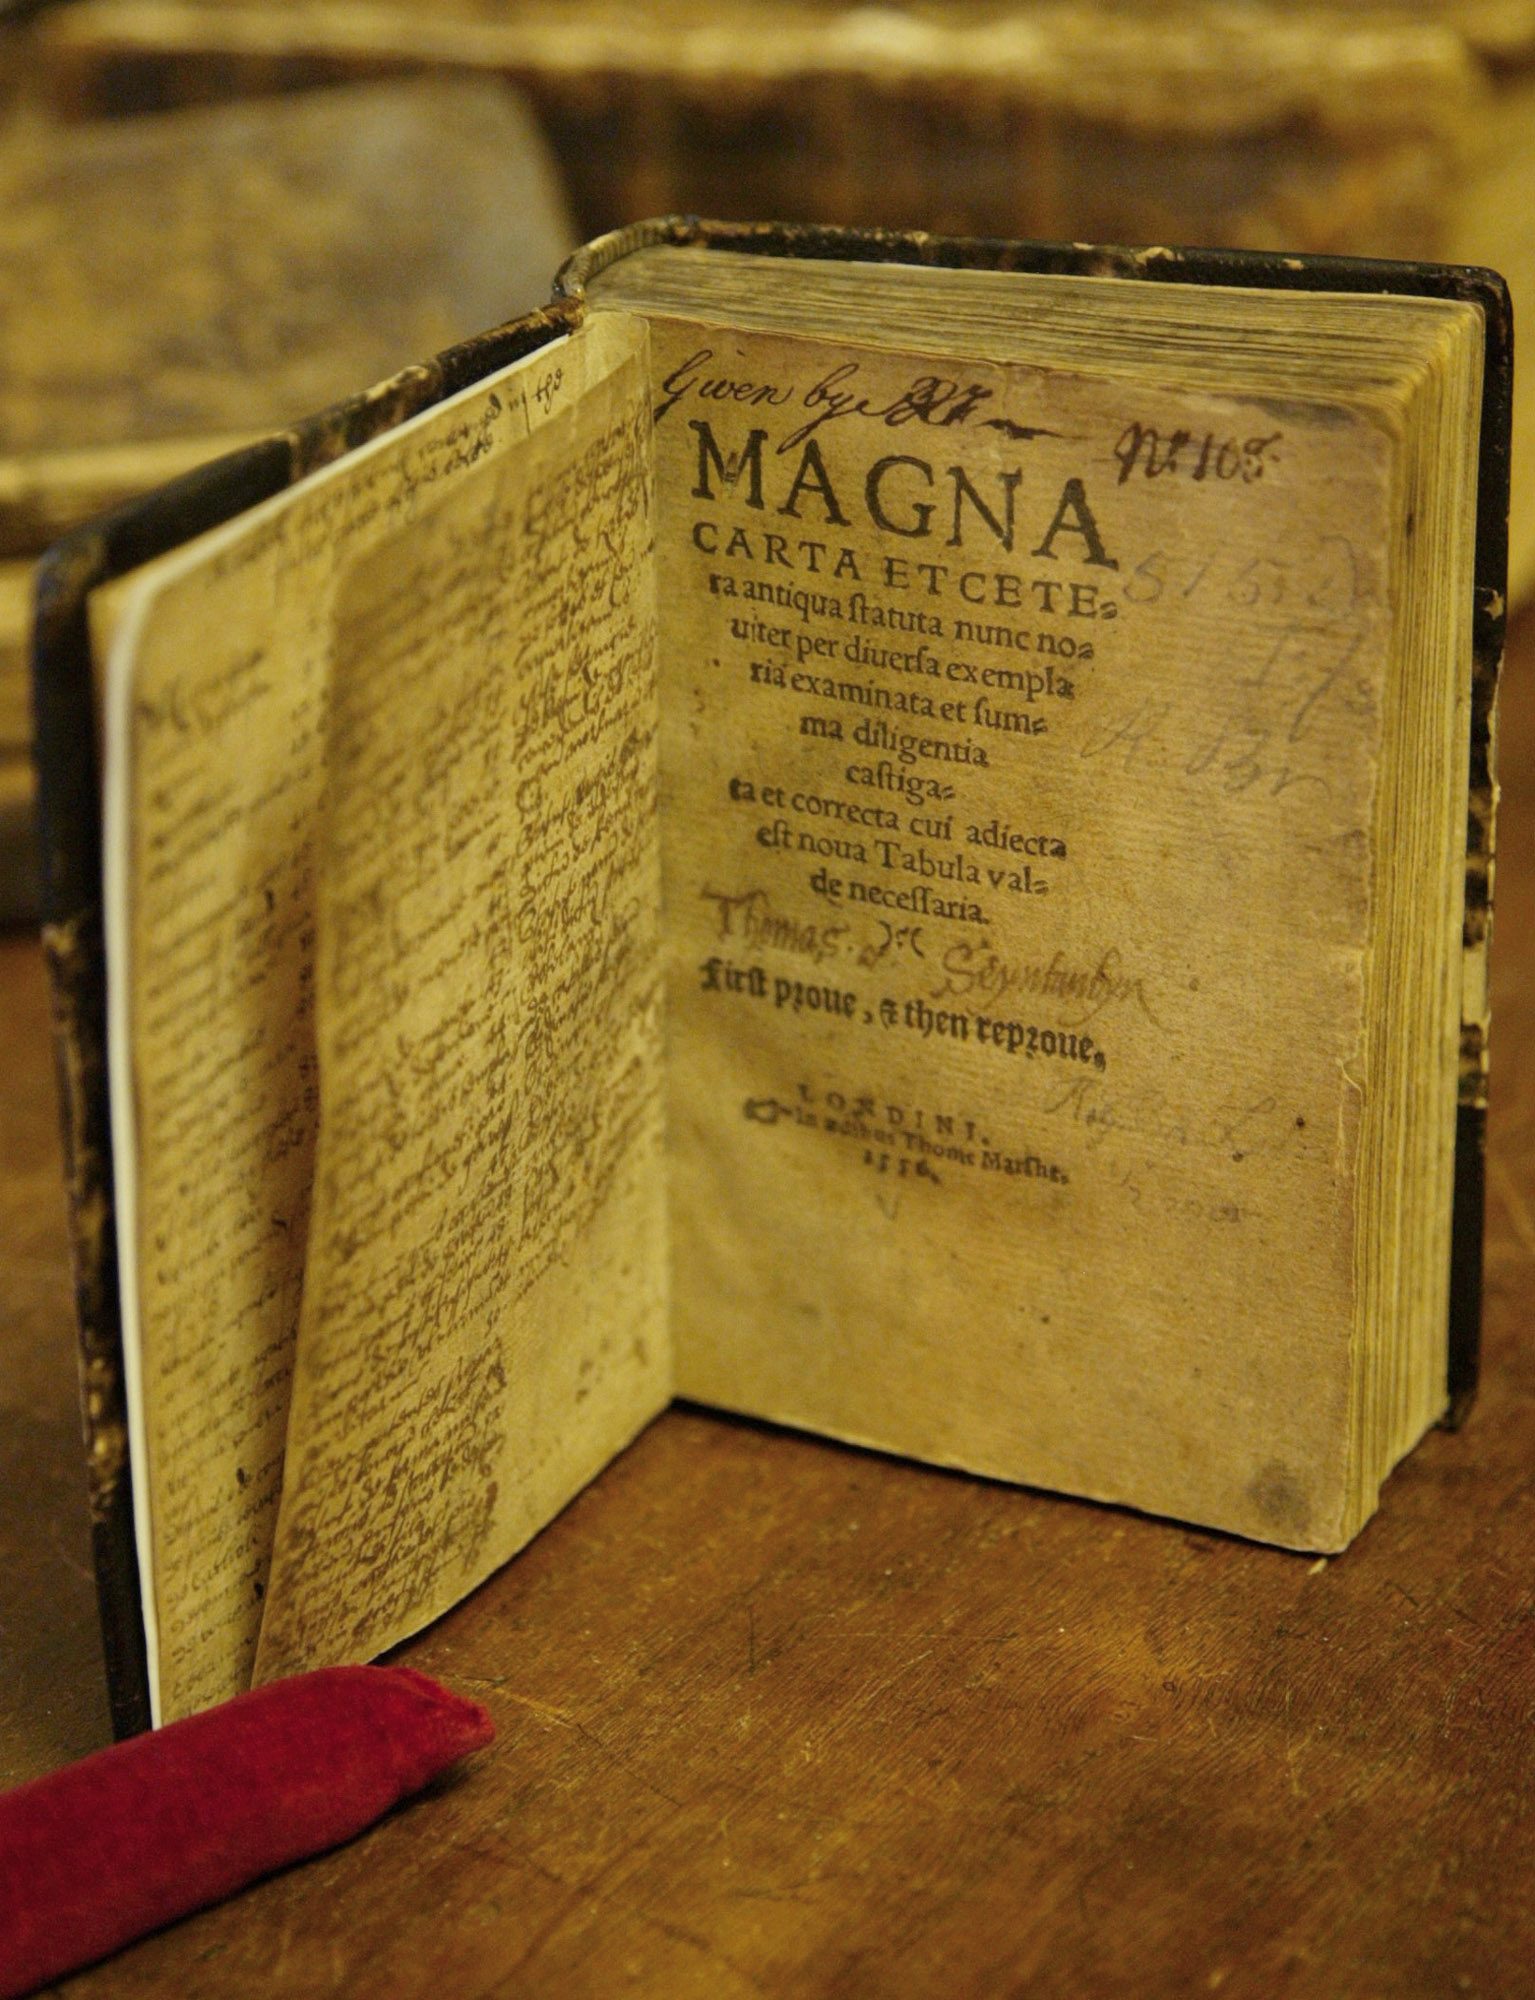 A Carta Magna ainda é relevante após 800 anos   ShareAmerica